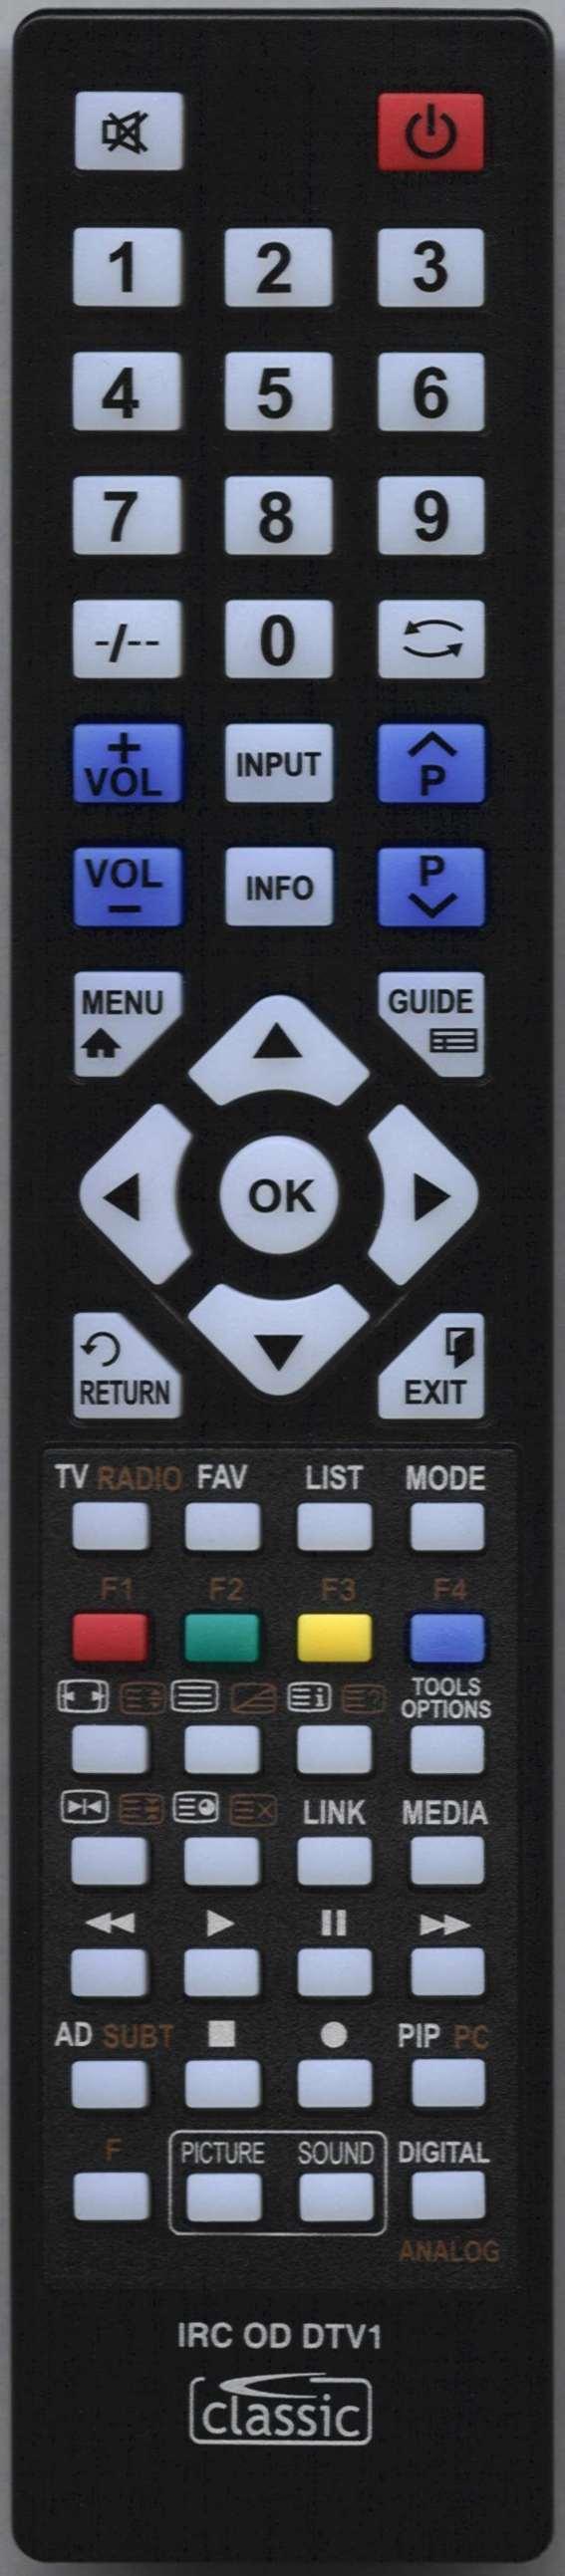 POLAROID SSDV1911I1D0 Remote Control